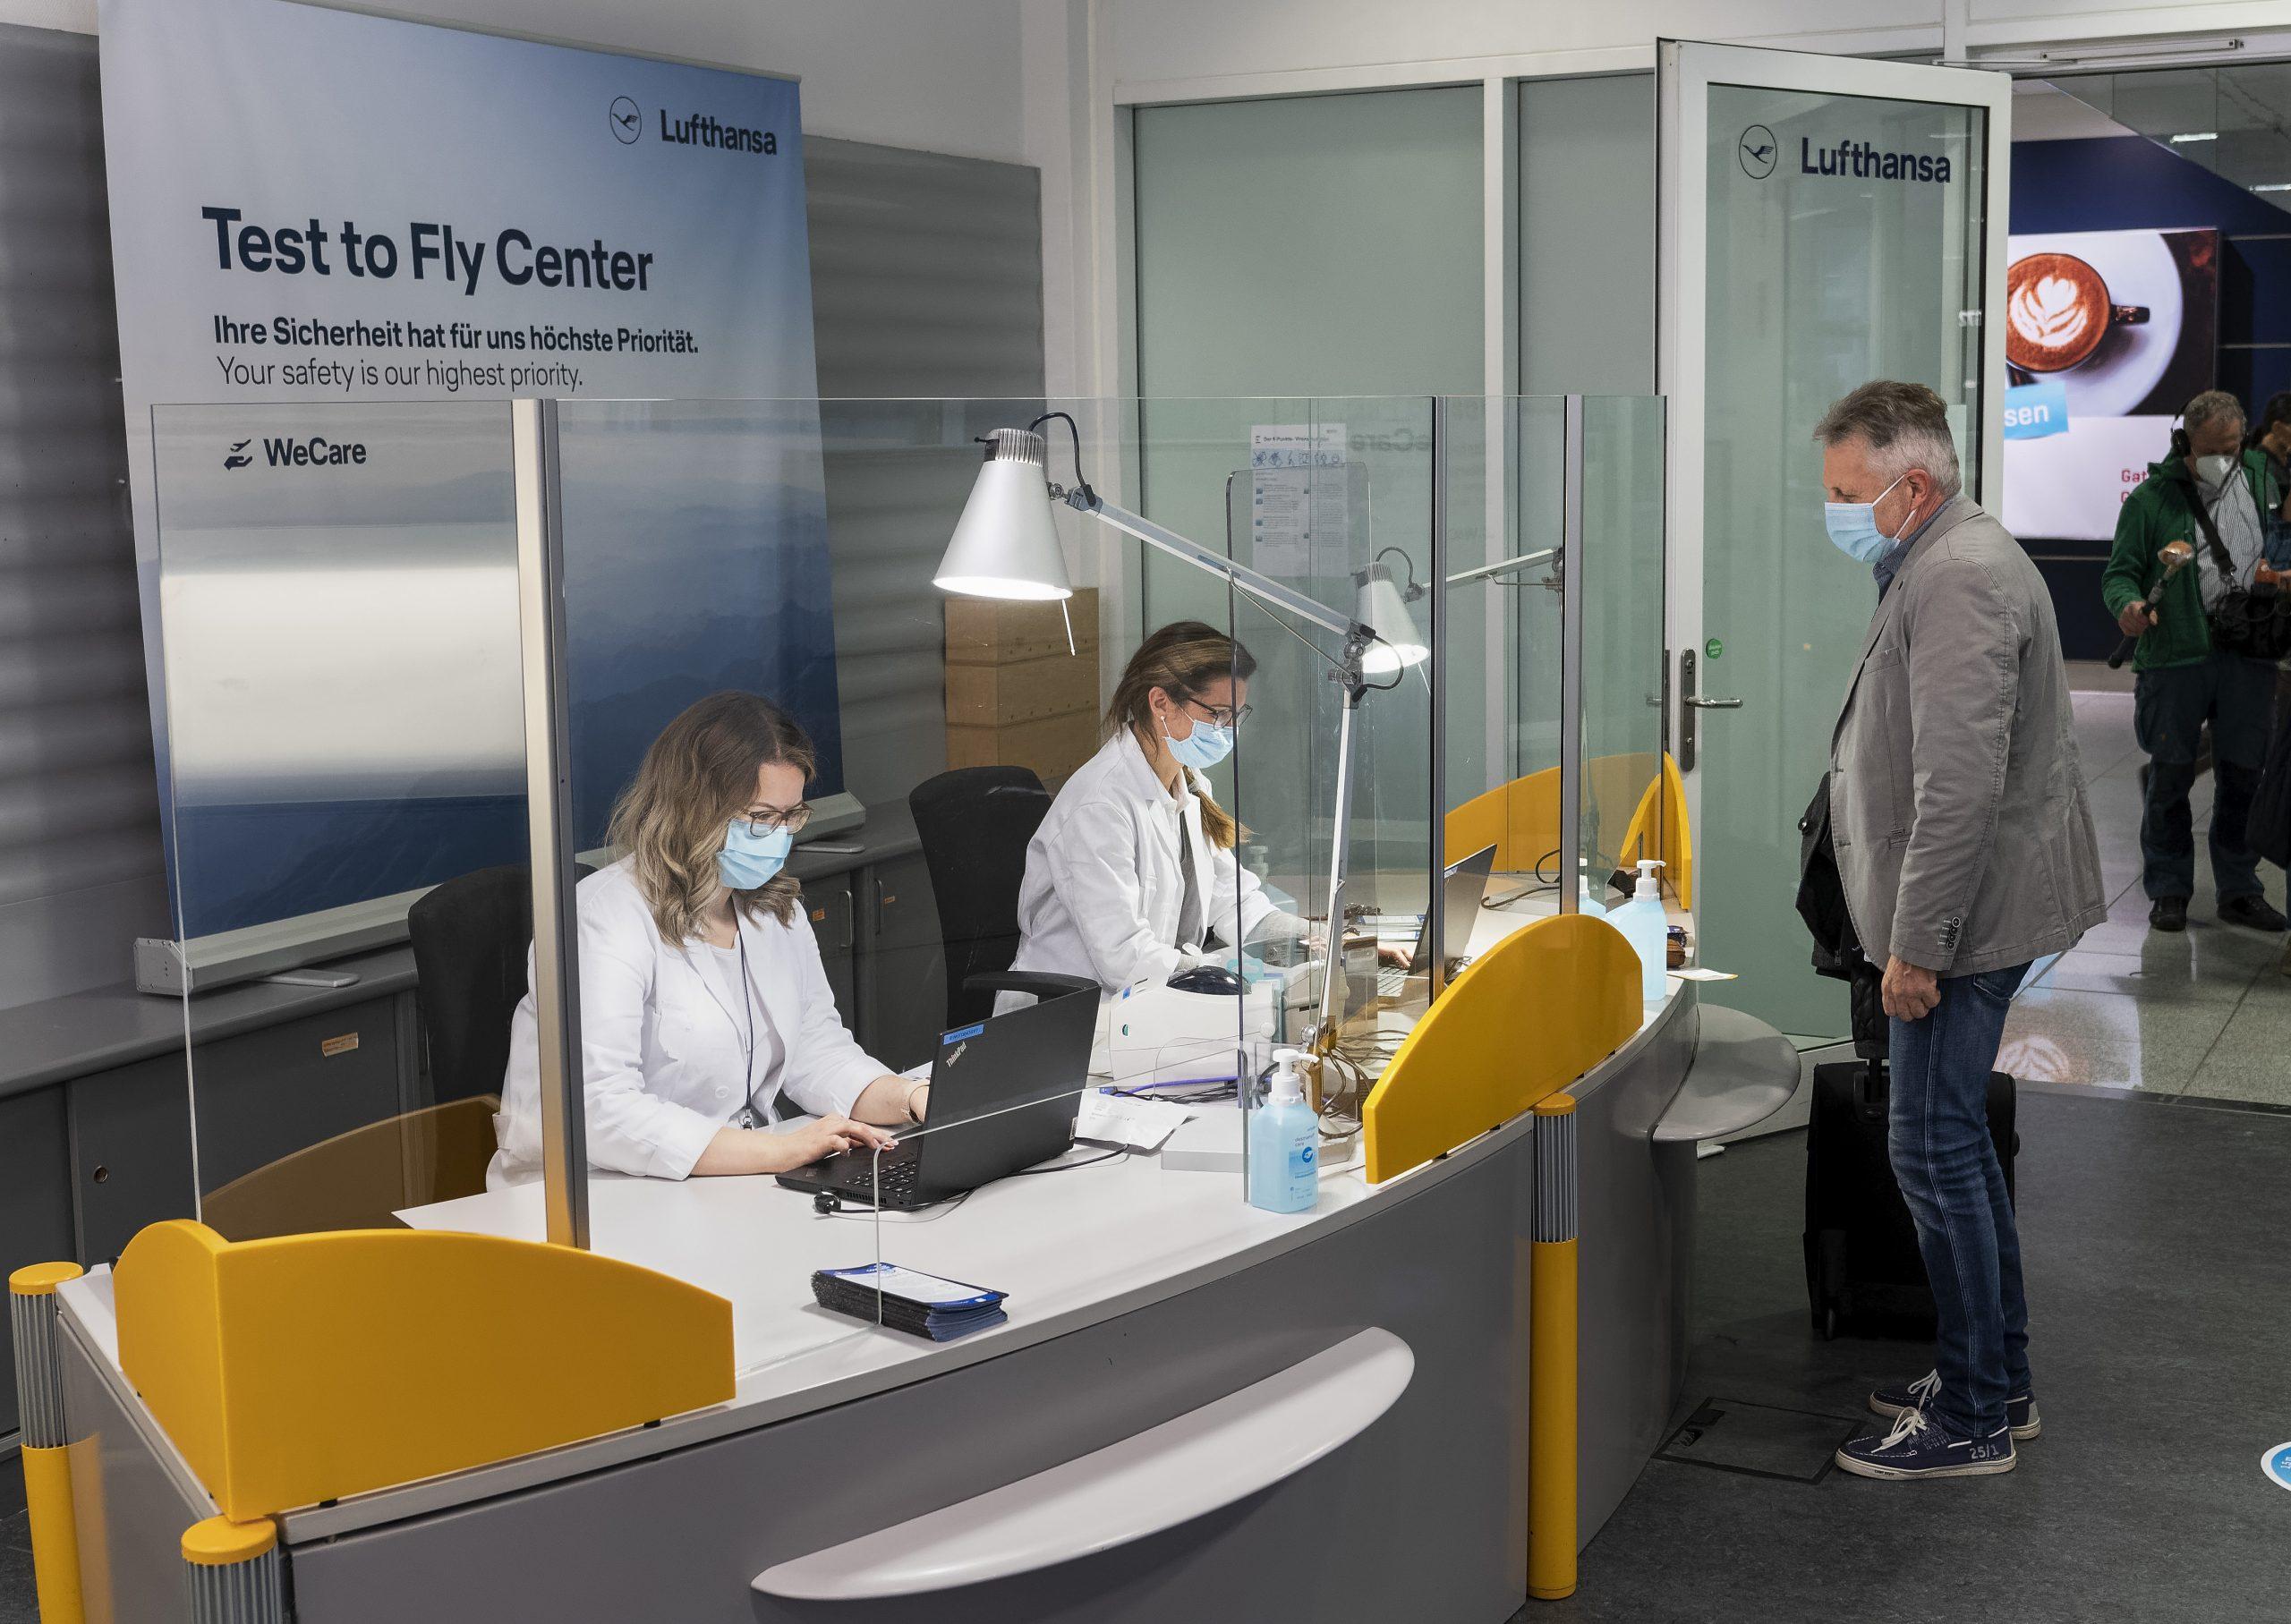 Coronavaccinerne er på vej, det bliver frivilligt om borgerne vil have den. Men mange er interesseret, også indenfor erhvervslivet. Arkivpressefoto fra Lufthansa, Stephan Goerlich.